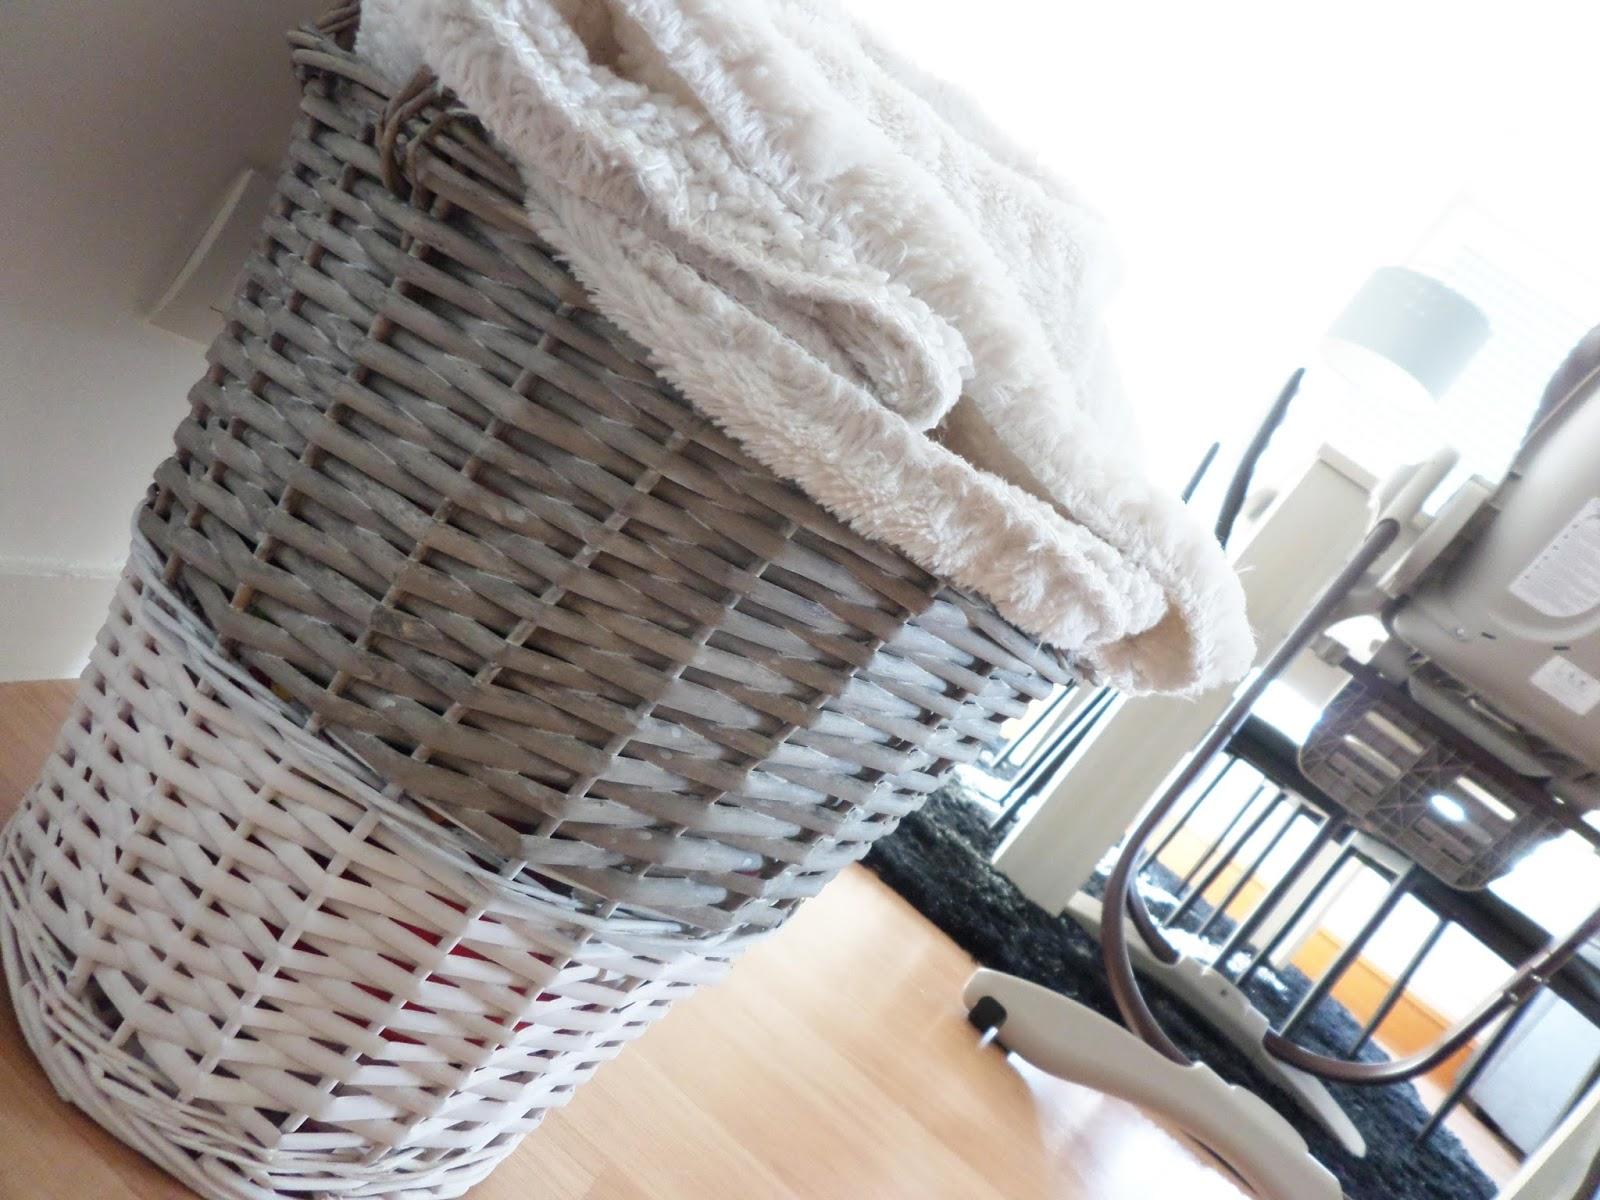 la d coration de mon salon charline rgn blog beaut mode et lifestyle. Black Bedroom Furniture Sets. Home Design Ideas